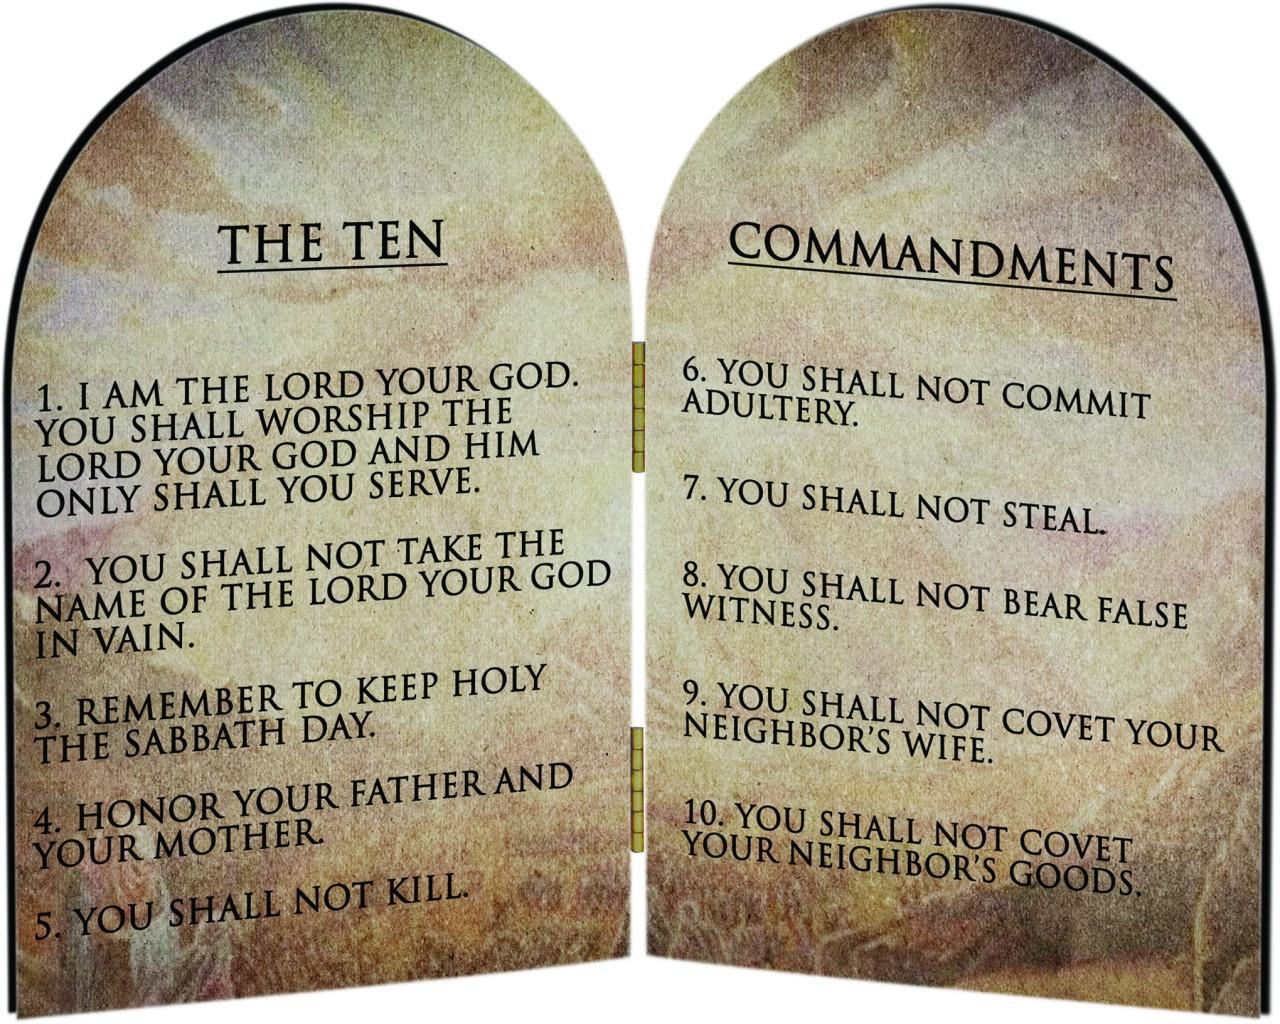 10 COMMANDMENTS CATHOLIC PDF DOWNLOAD